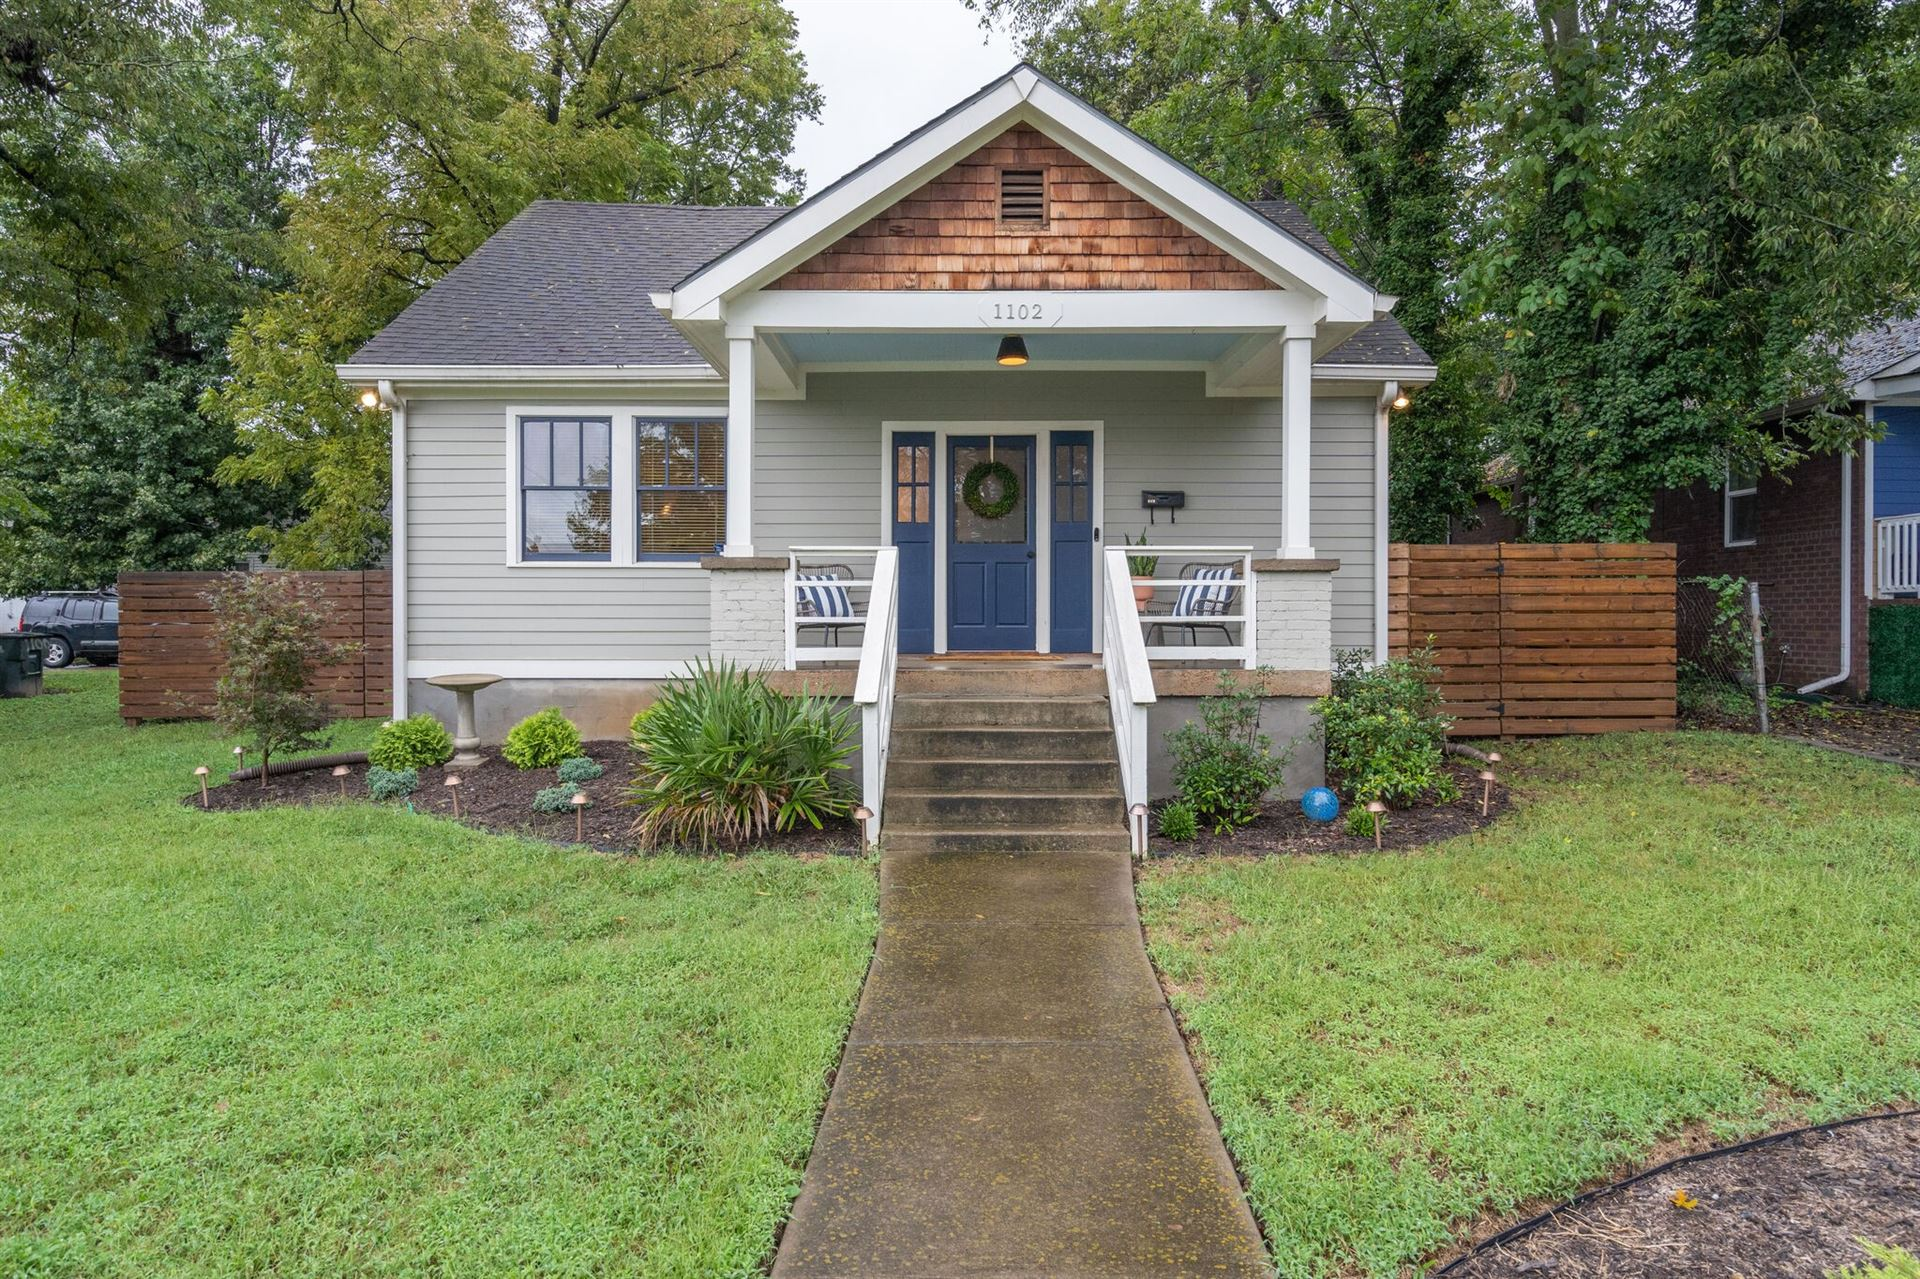 1102 N 6th St, Nashville, TN 37207 - MLS#: 2293347